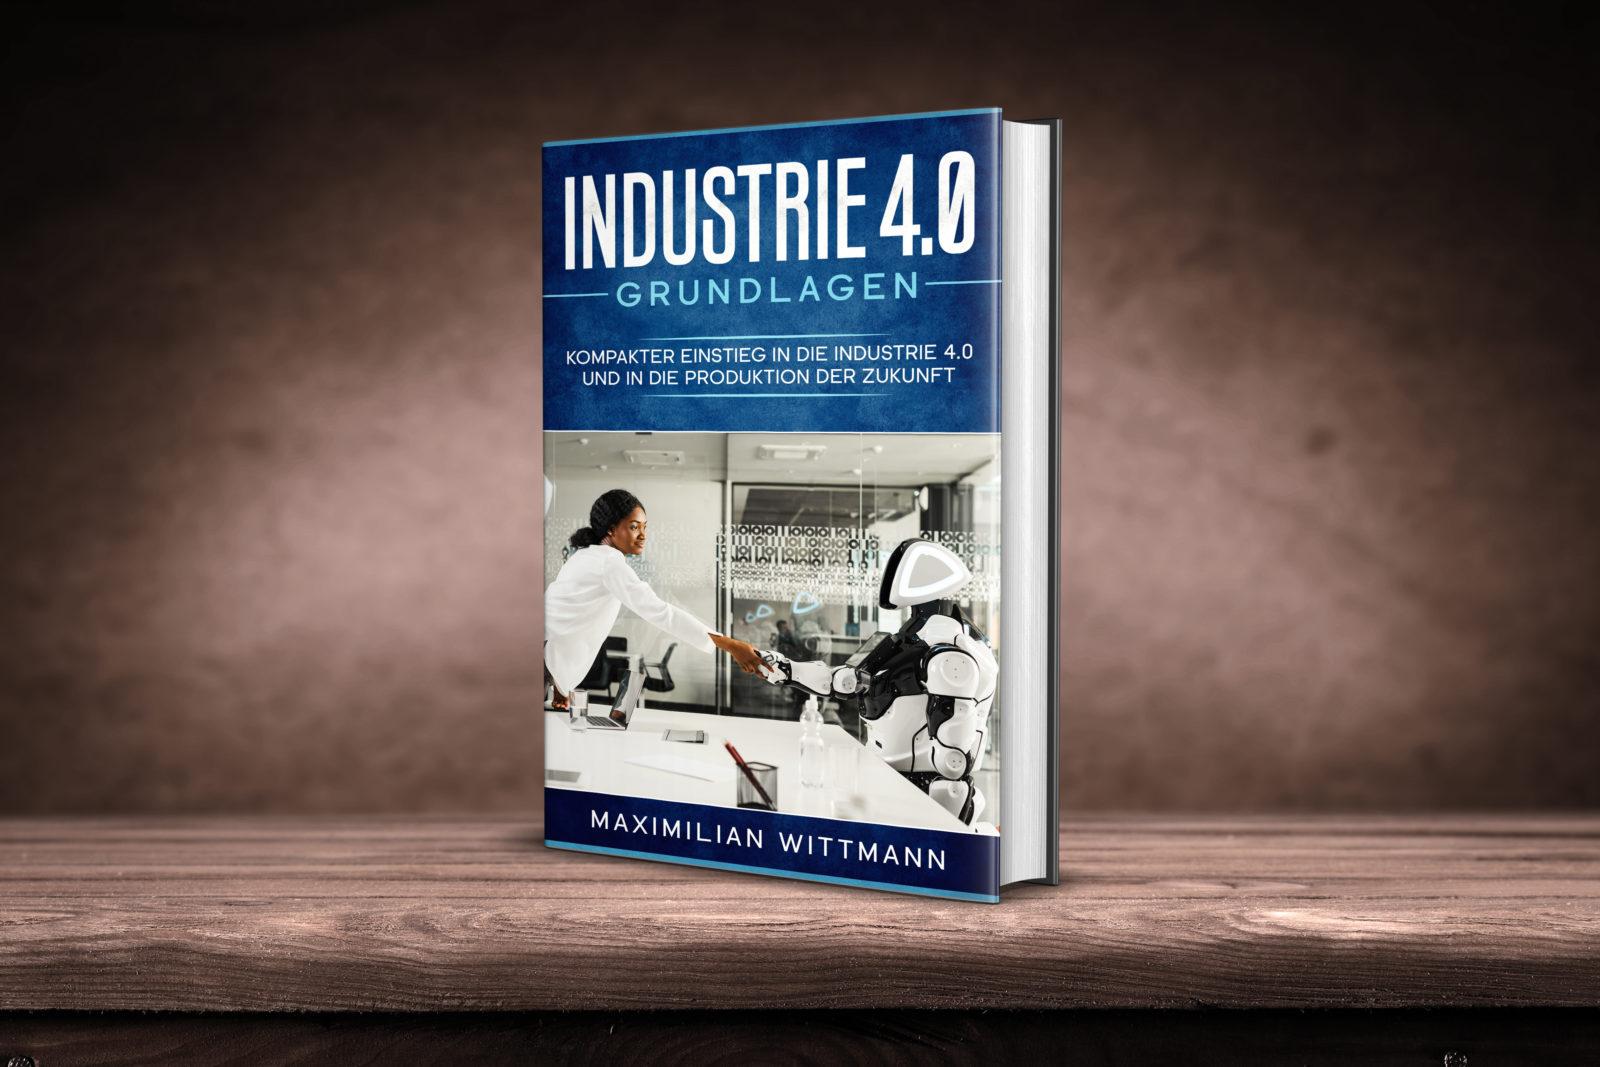 Mein eBook Industrie 4.0 Grundlagen